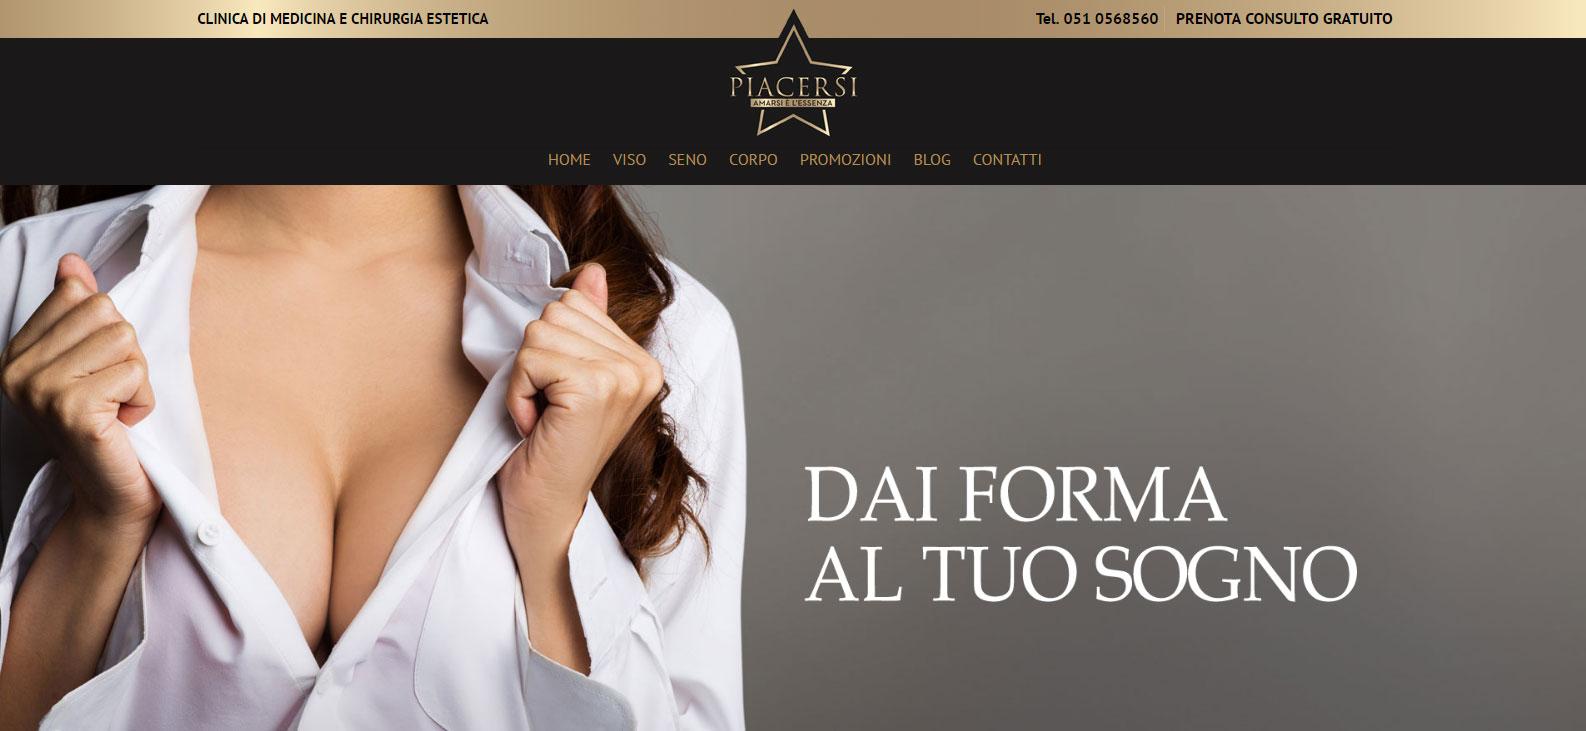 centro chirurgia estetica bologna